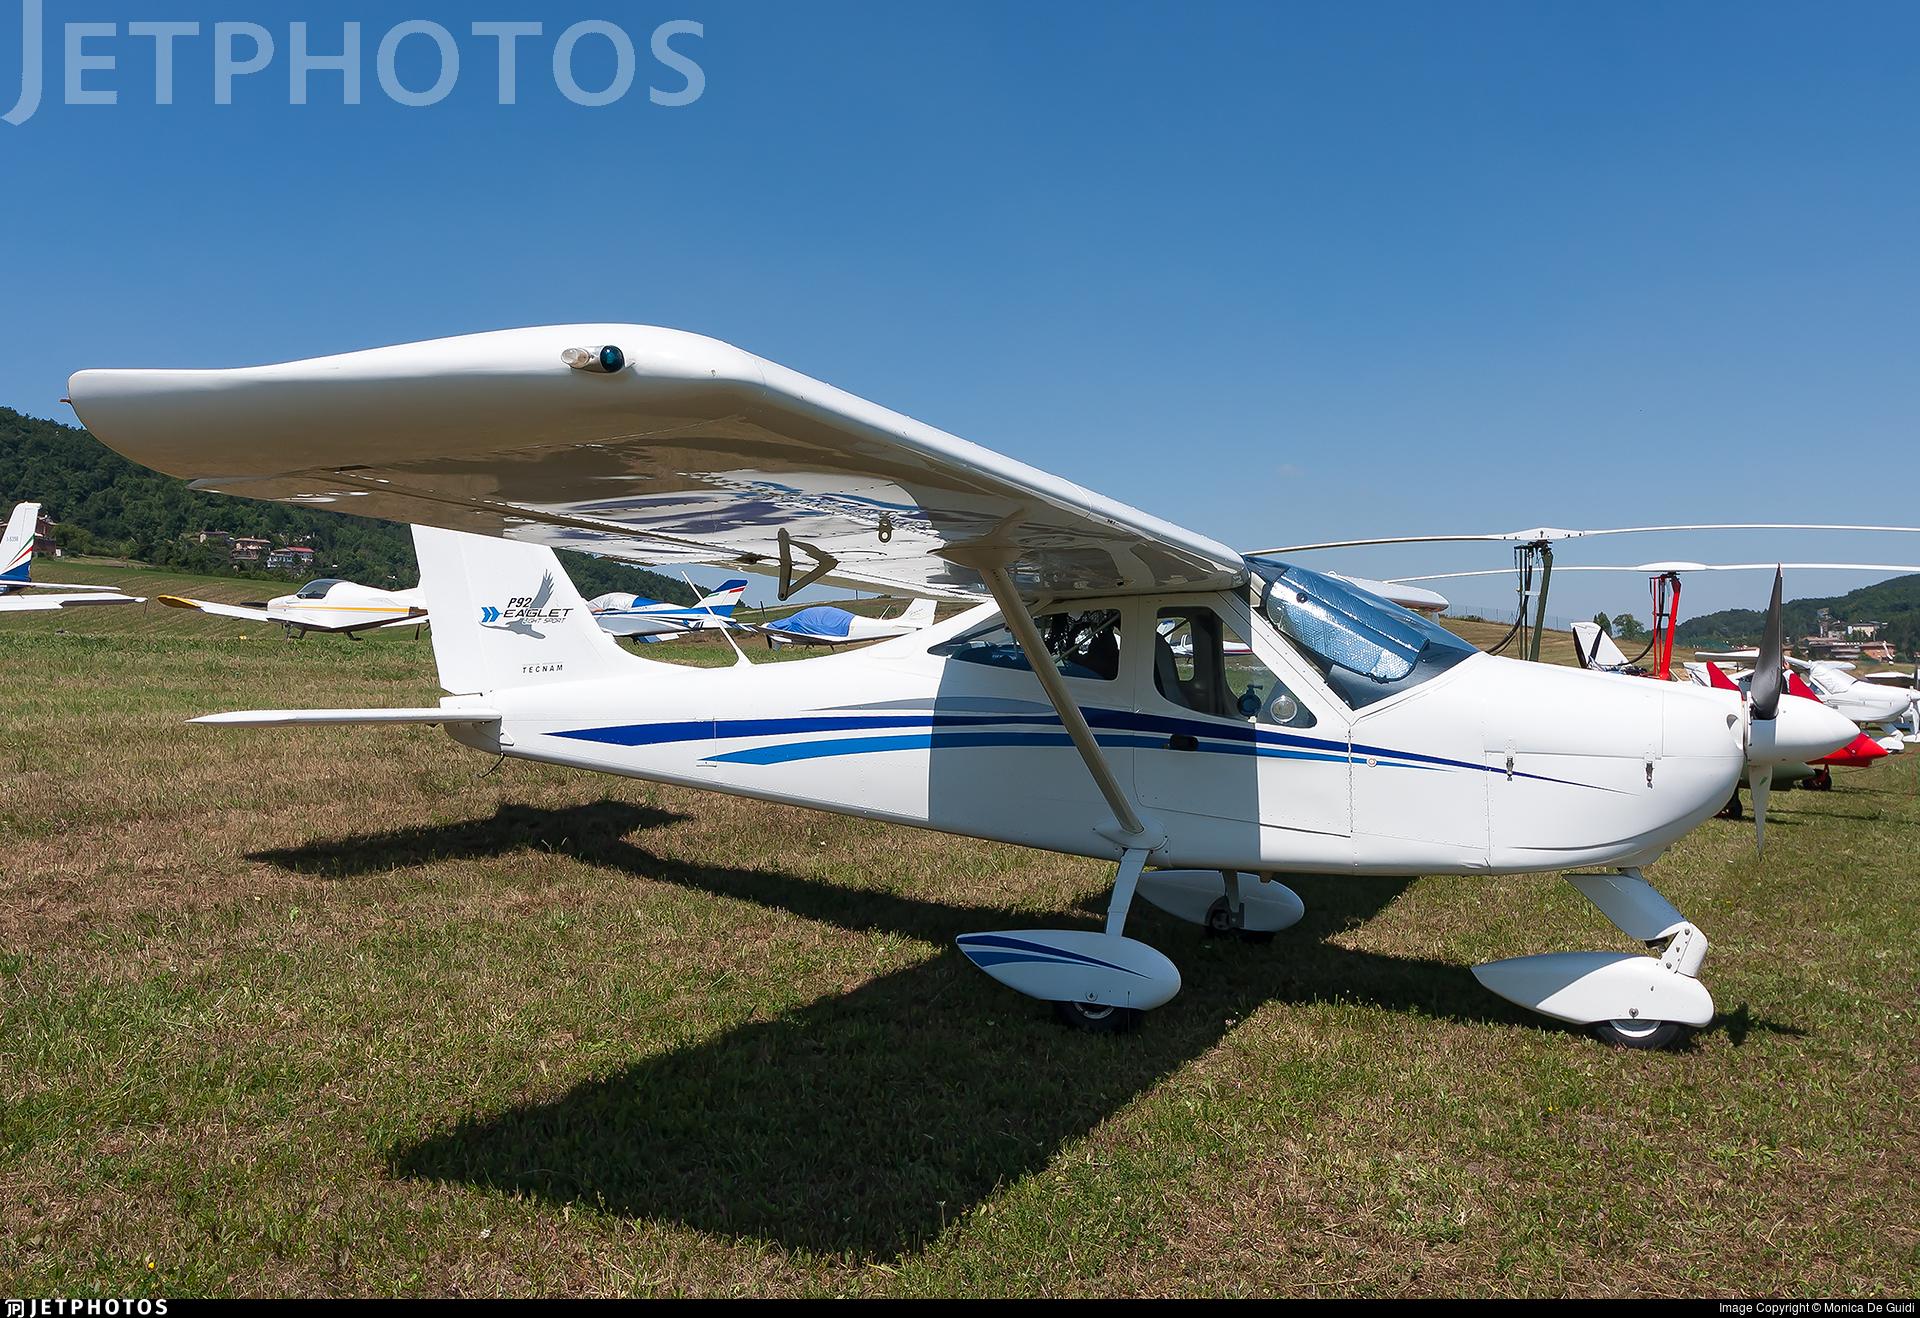 I-A129 - Tecnam P92 Eaglet Light Sport - Private